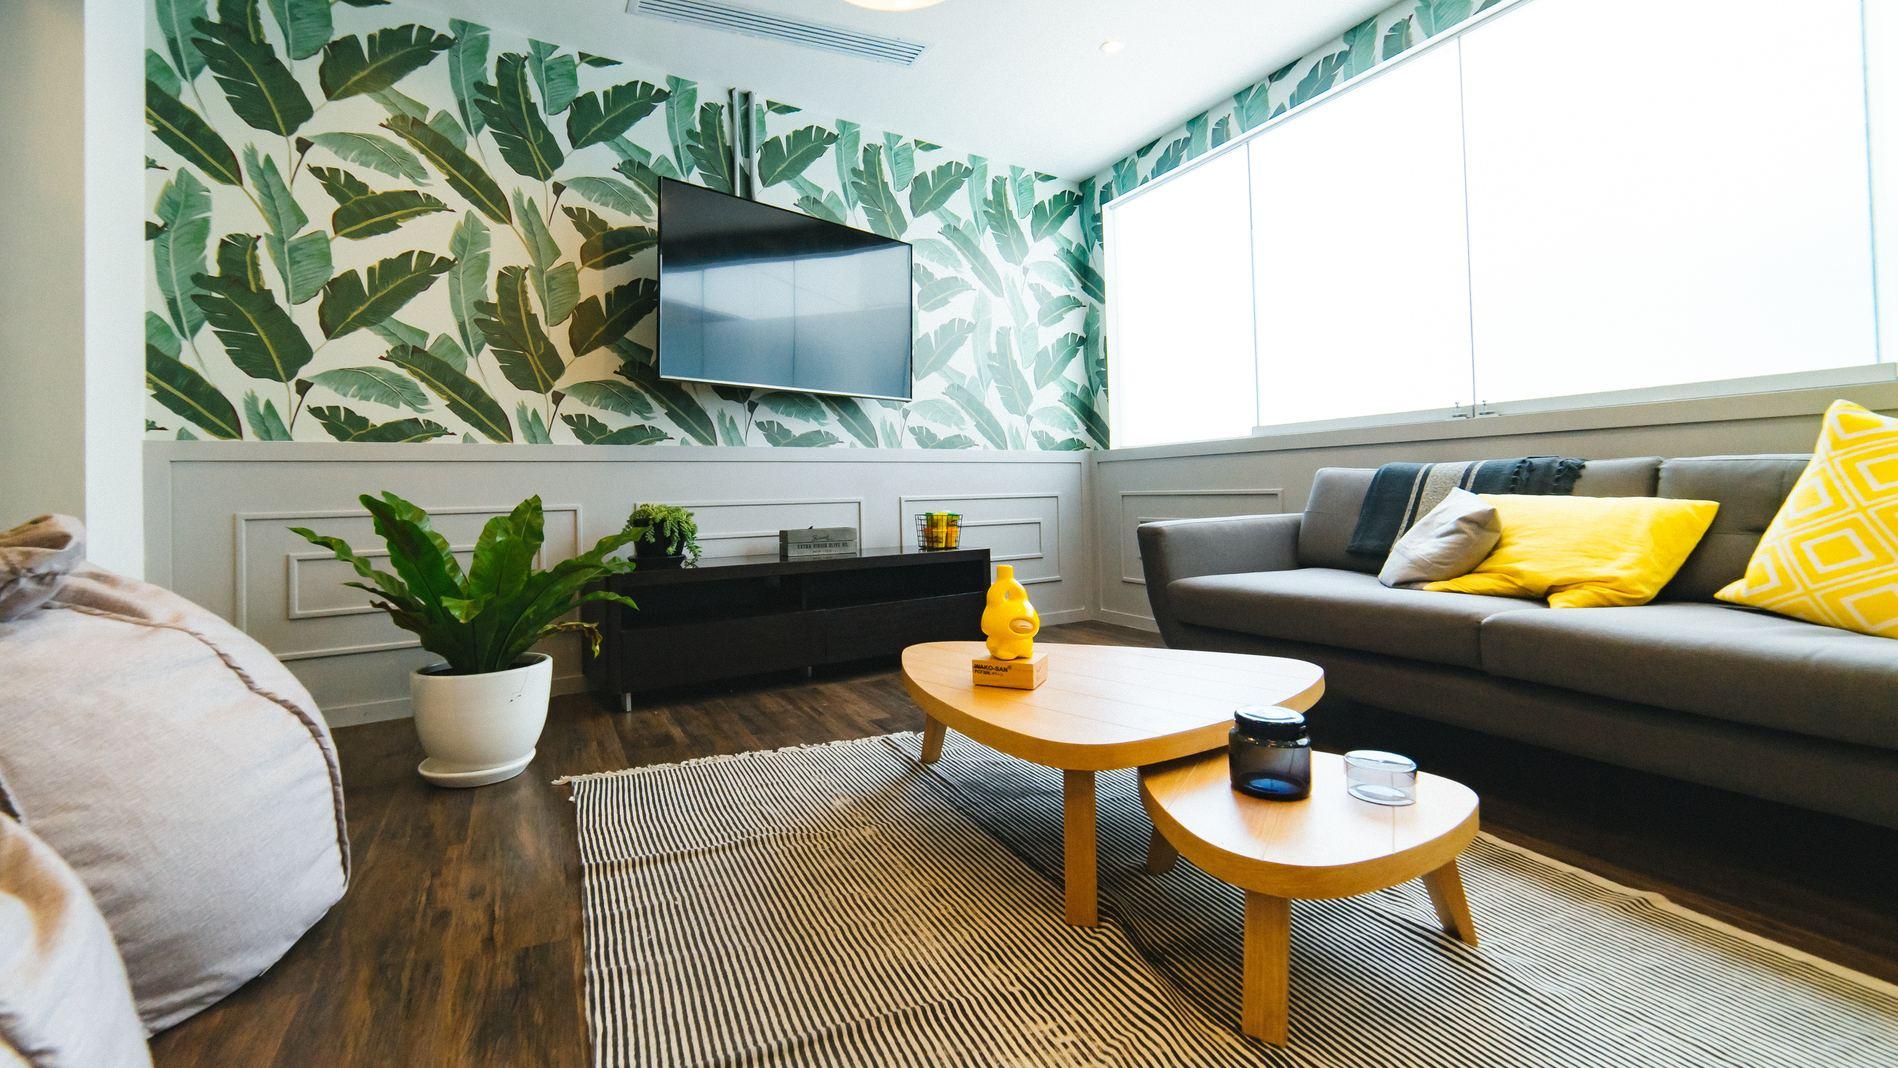 möblum uso del color e la decoración, sala con print de plantas verdes y contraste en cojines amarillos